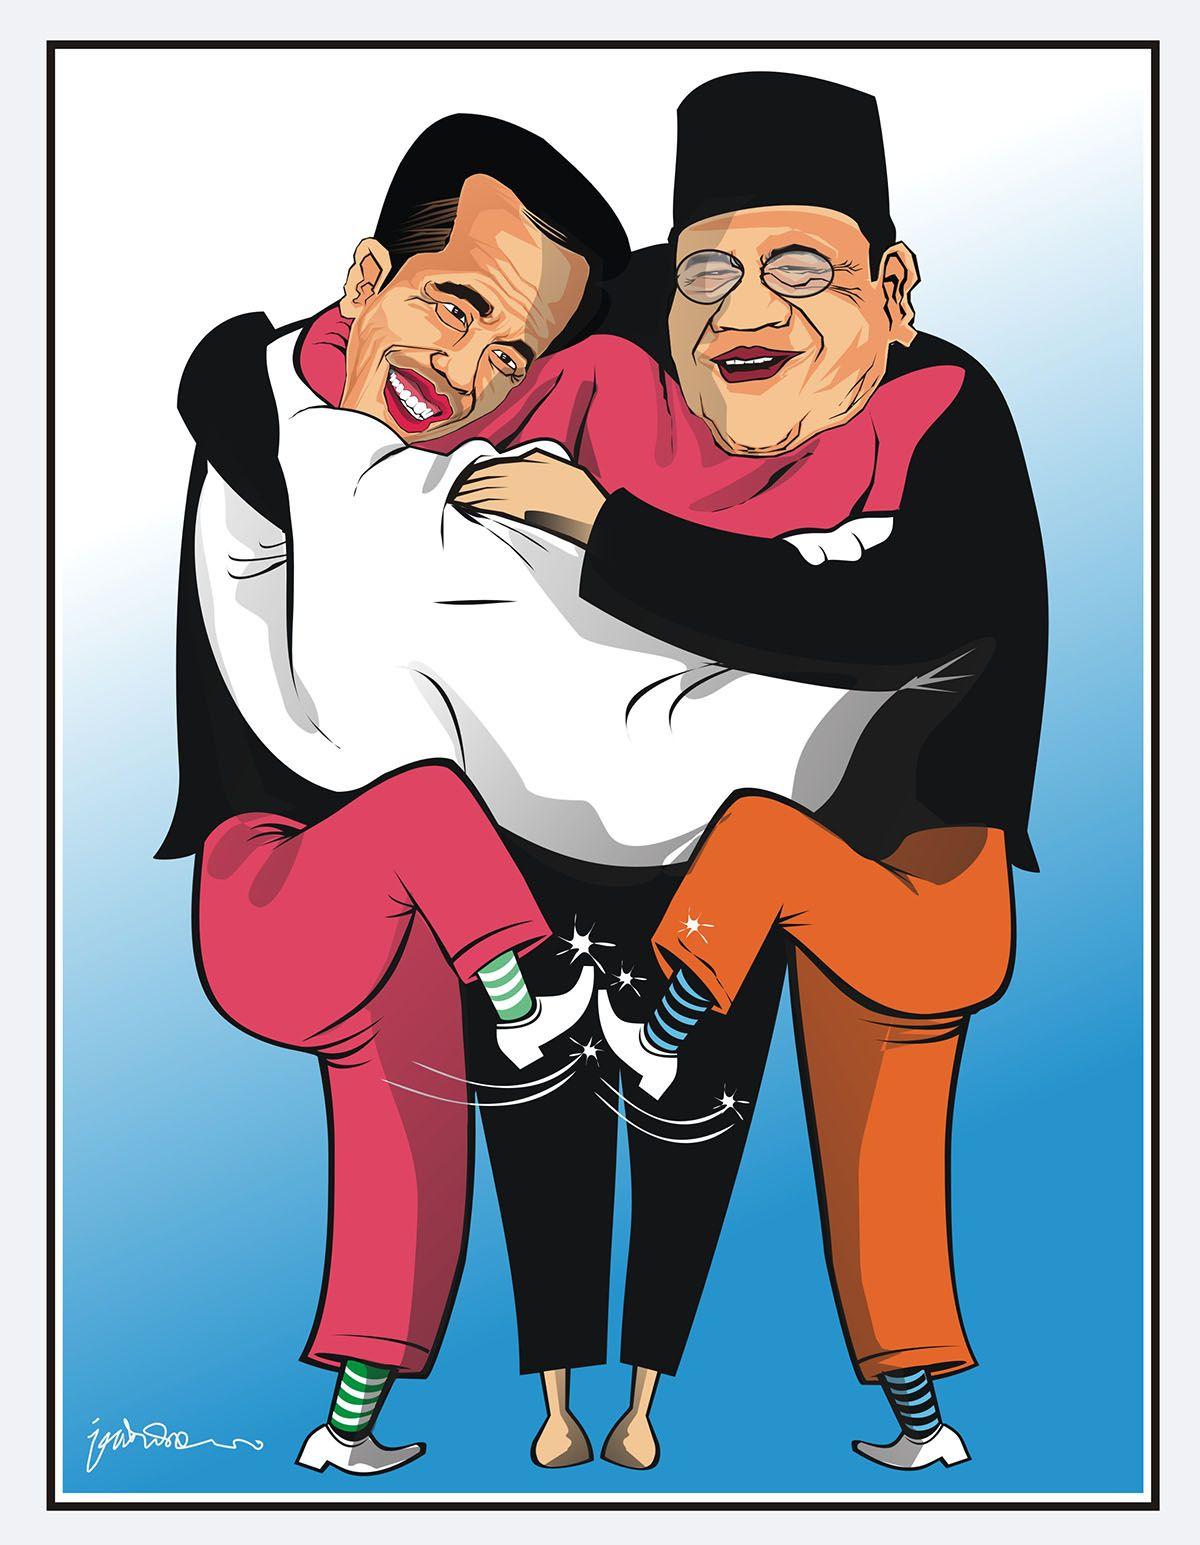 Jokowi Vs Prabowo Kartun Jokowi Vs Prabowo Di 2019 Fictional